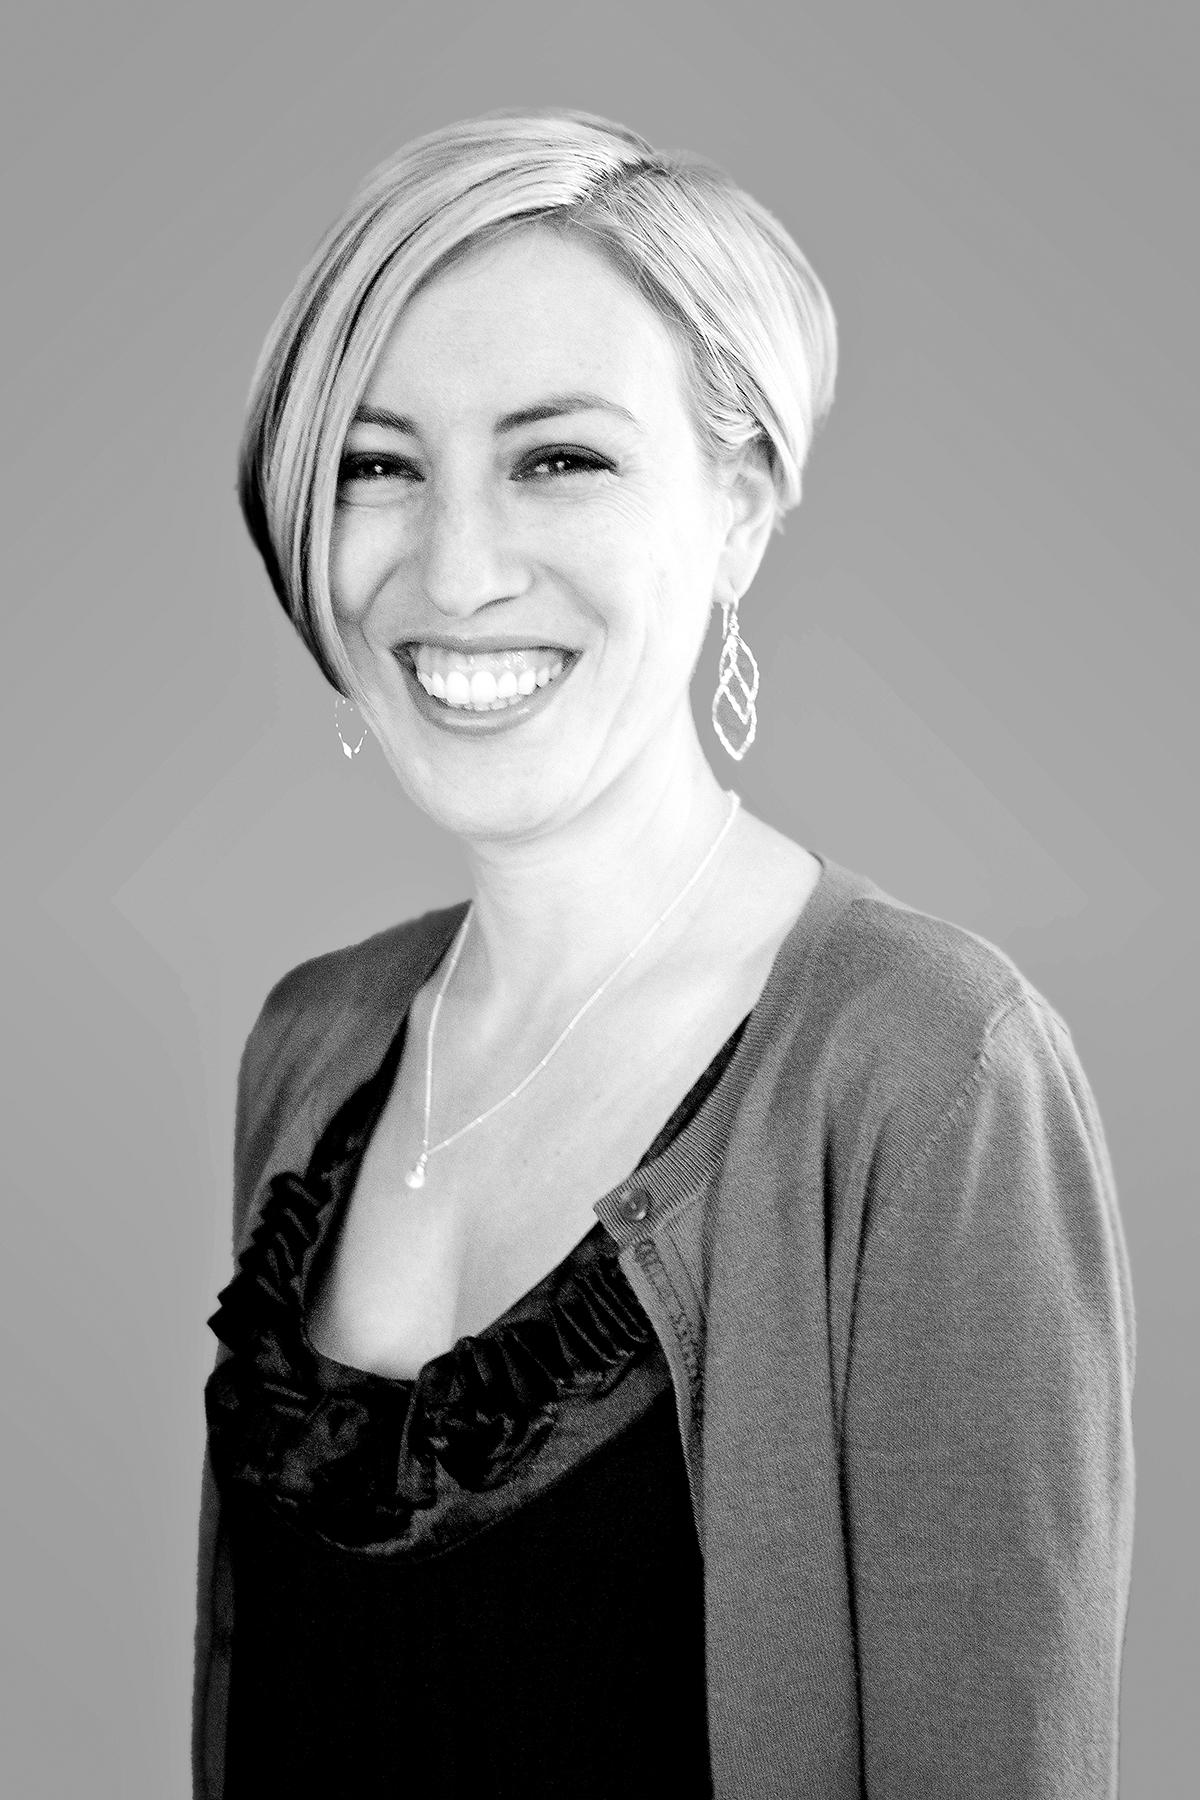 Meet Whitney Kershner, financial advisor in Tumwater Washington